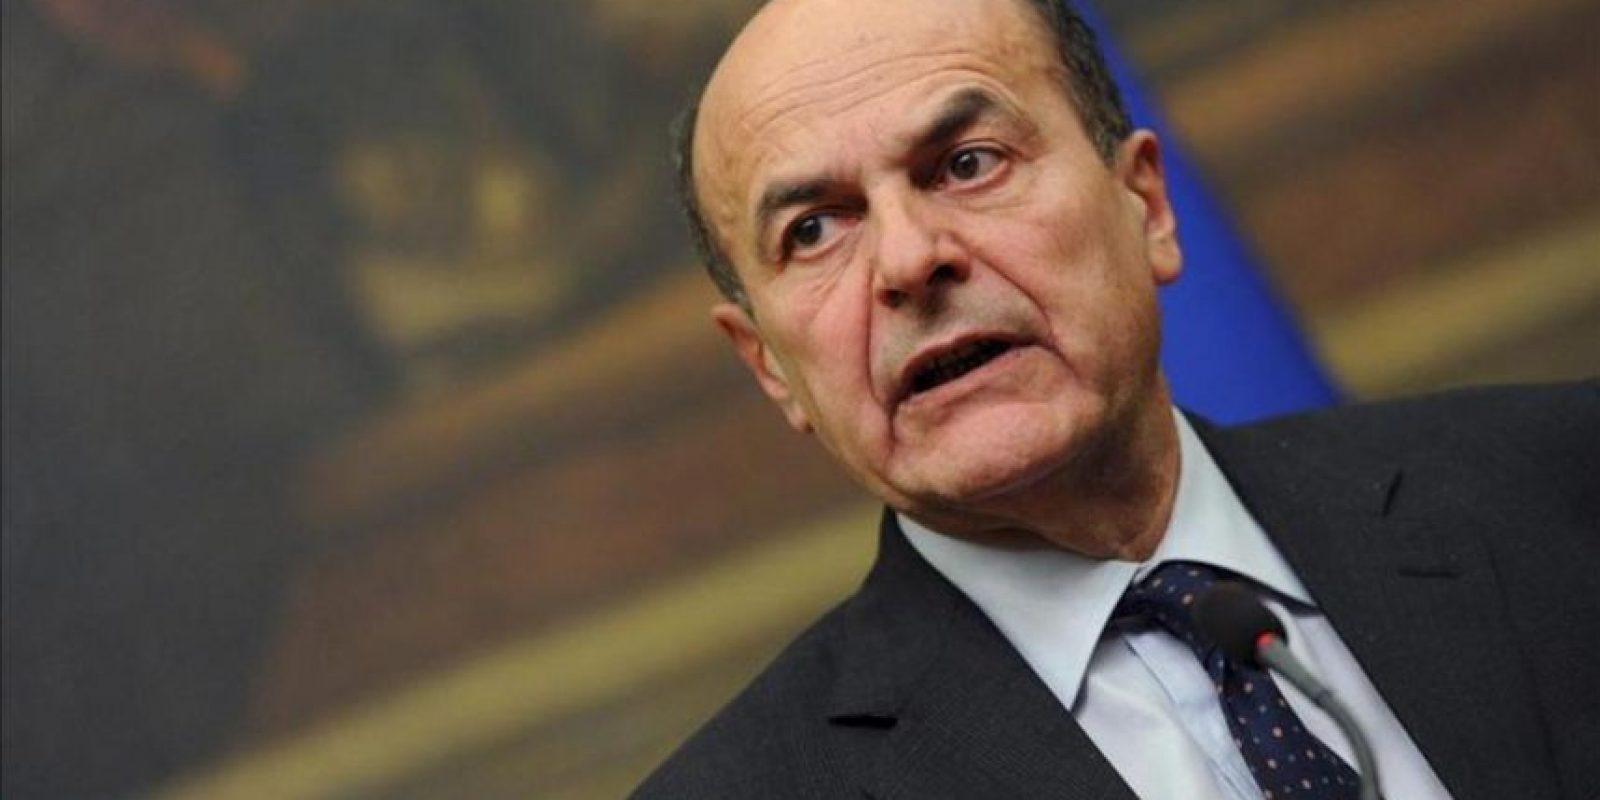 El líder de la coalición de centroizquierda, Pierluigi Bersani, da una rueda de prensa tras iniciar las reuniones con los partidos políticos para comprobar si puede contar con su apoyo para formar un Gobierno, en Roma, Italia ayer. EFE